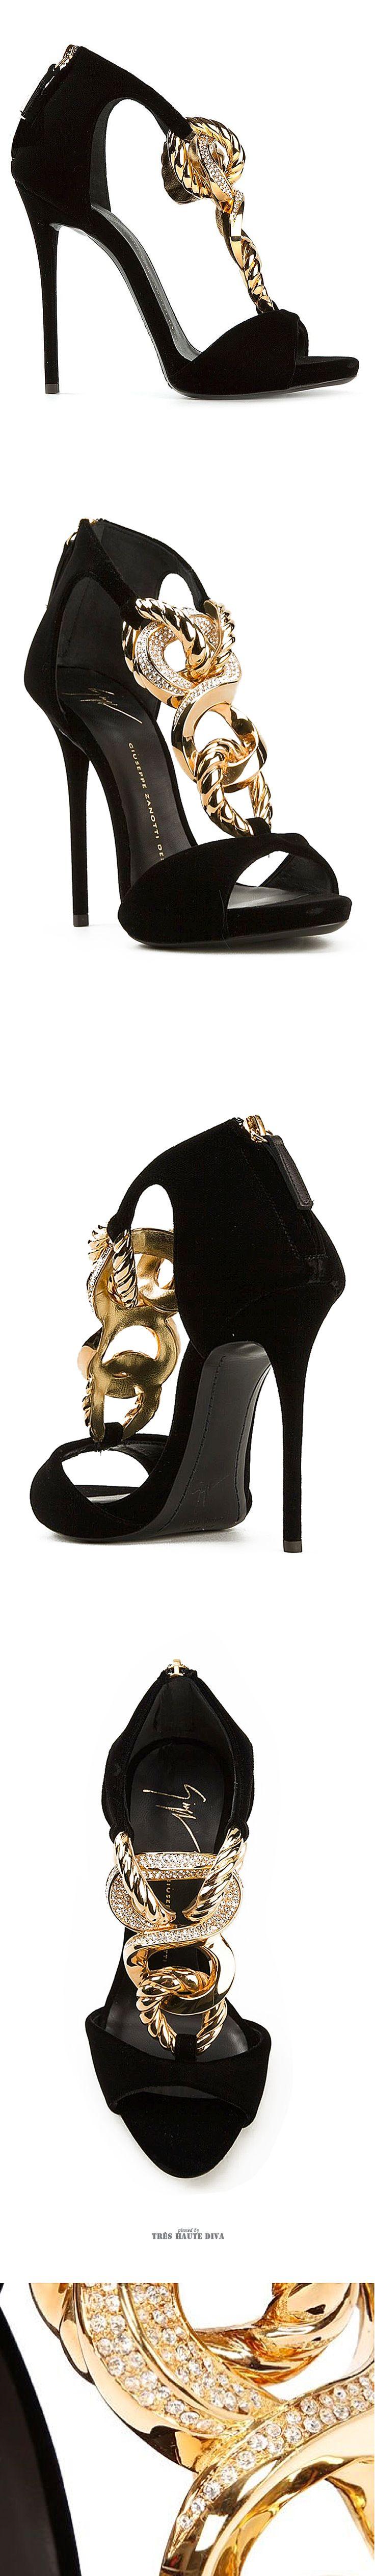 Giuseppe Zanotti Jeweled Chain Velvet Sandals ♔THD♔